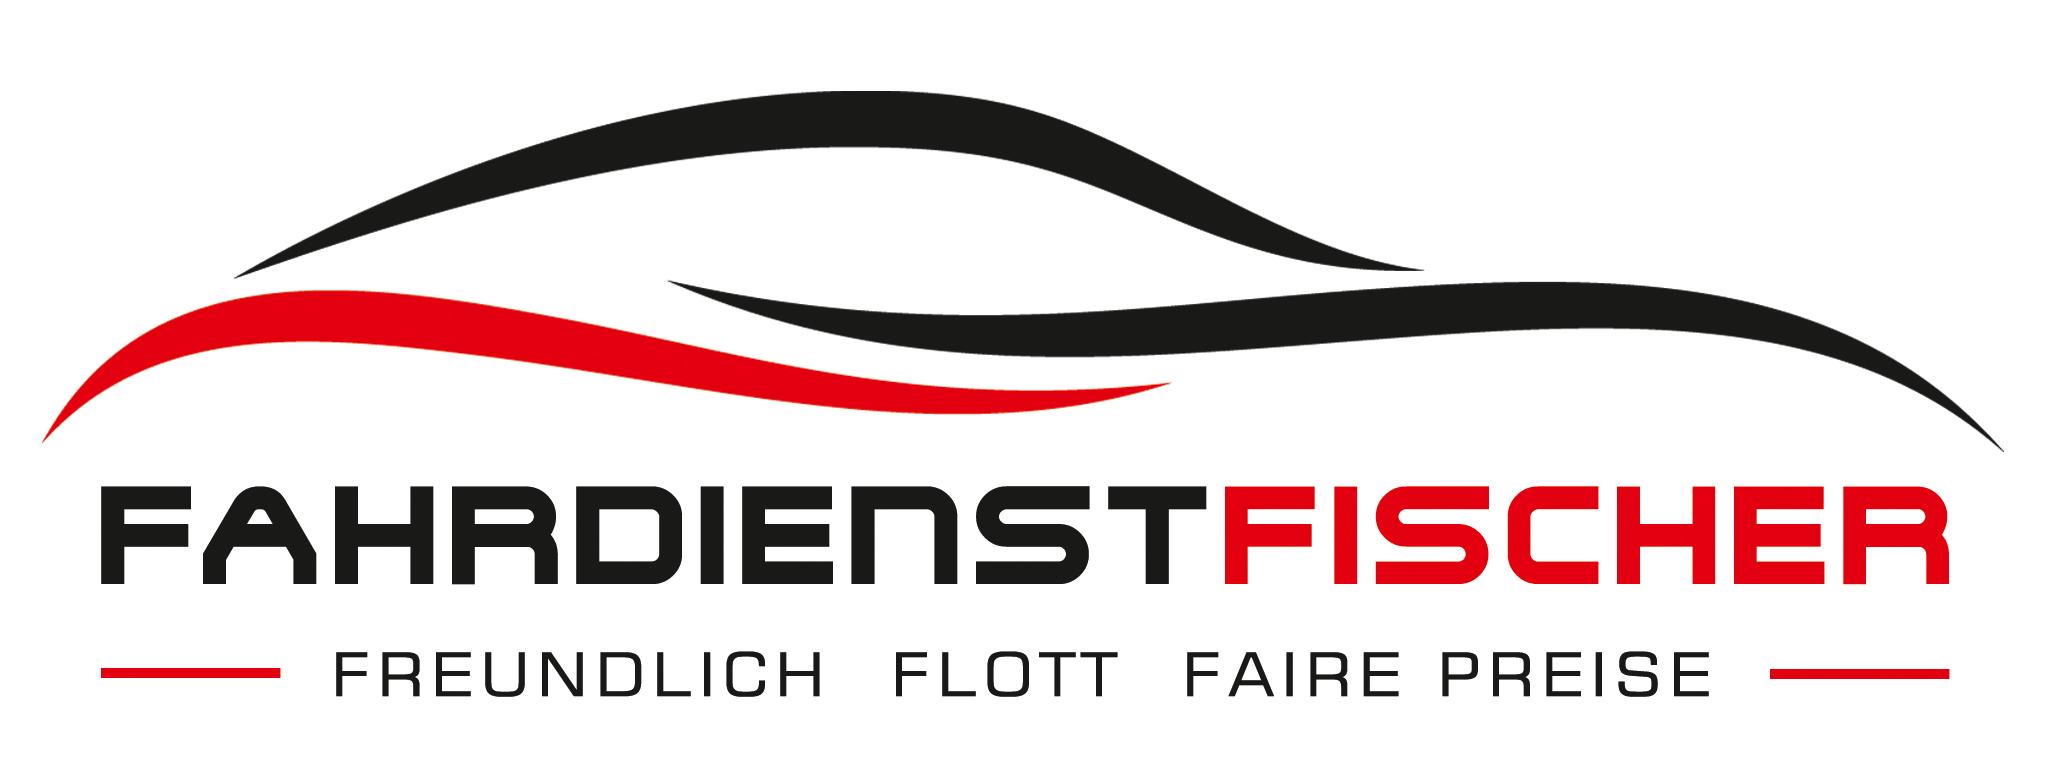 Fahrdienst Fischer